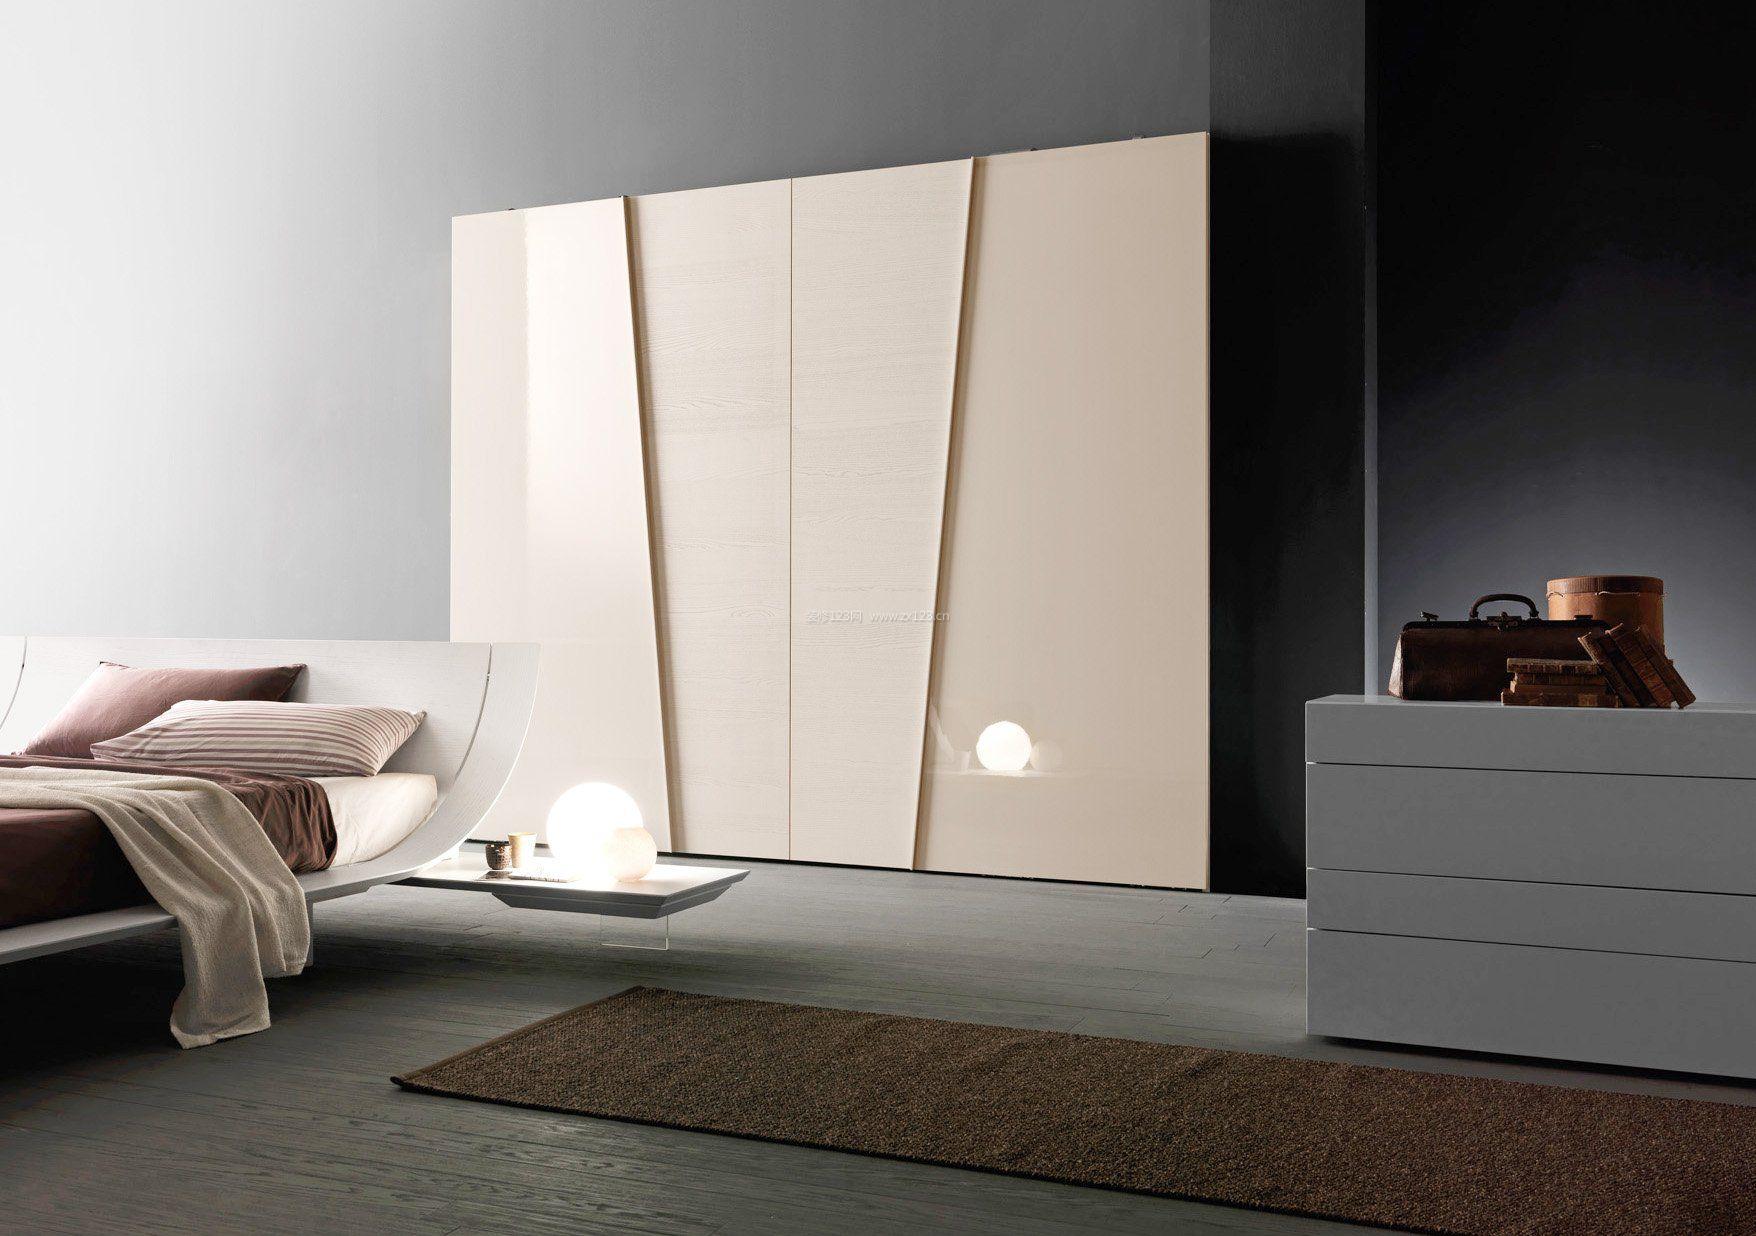 极简风格卧室移门衣柜装修效果图